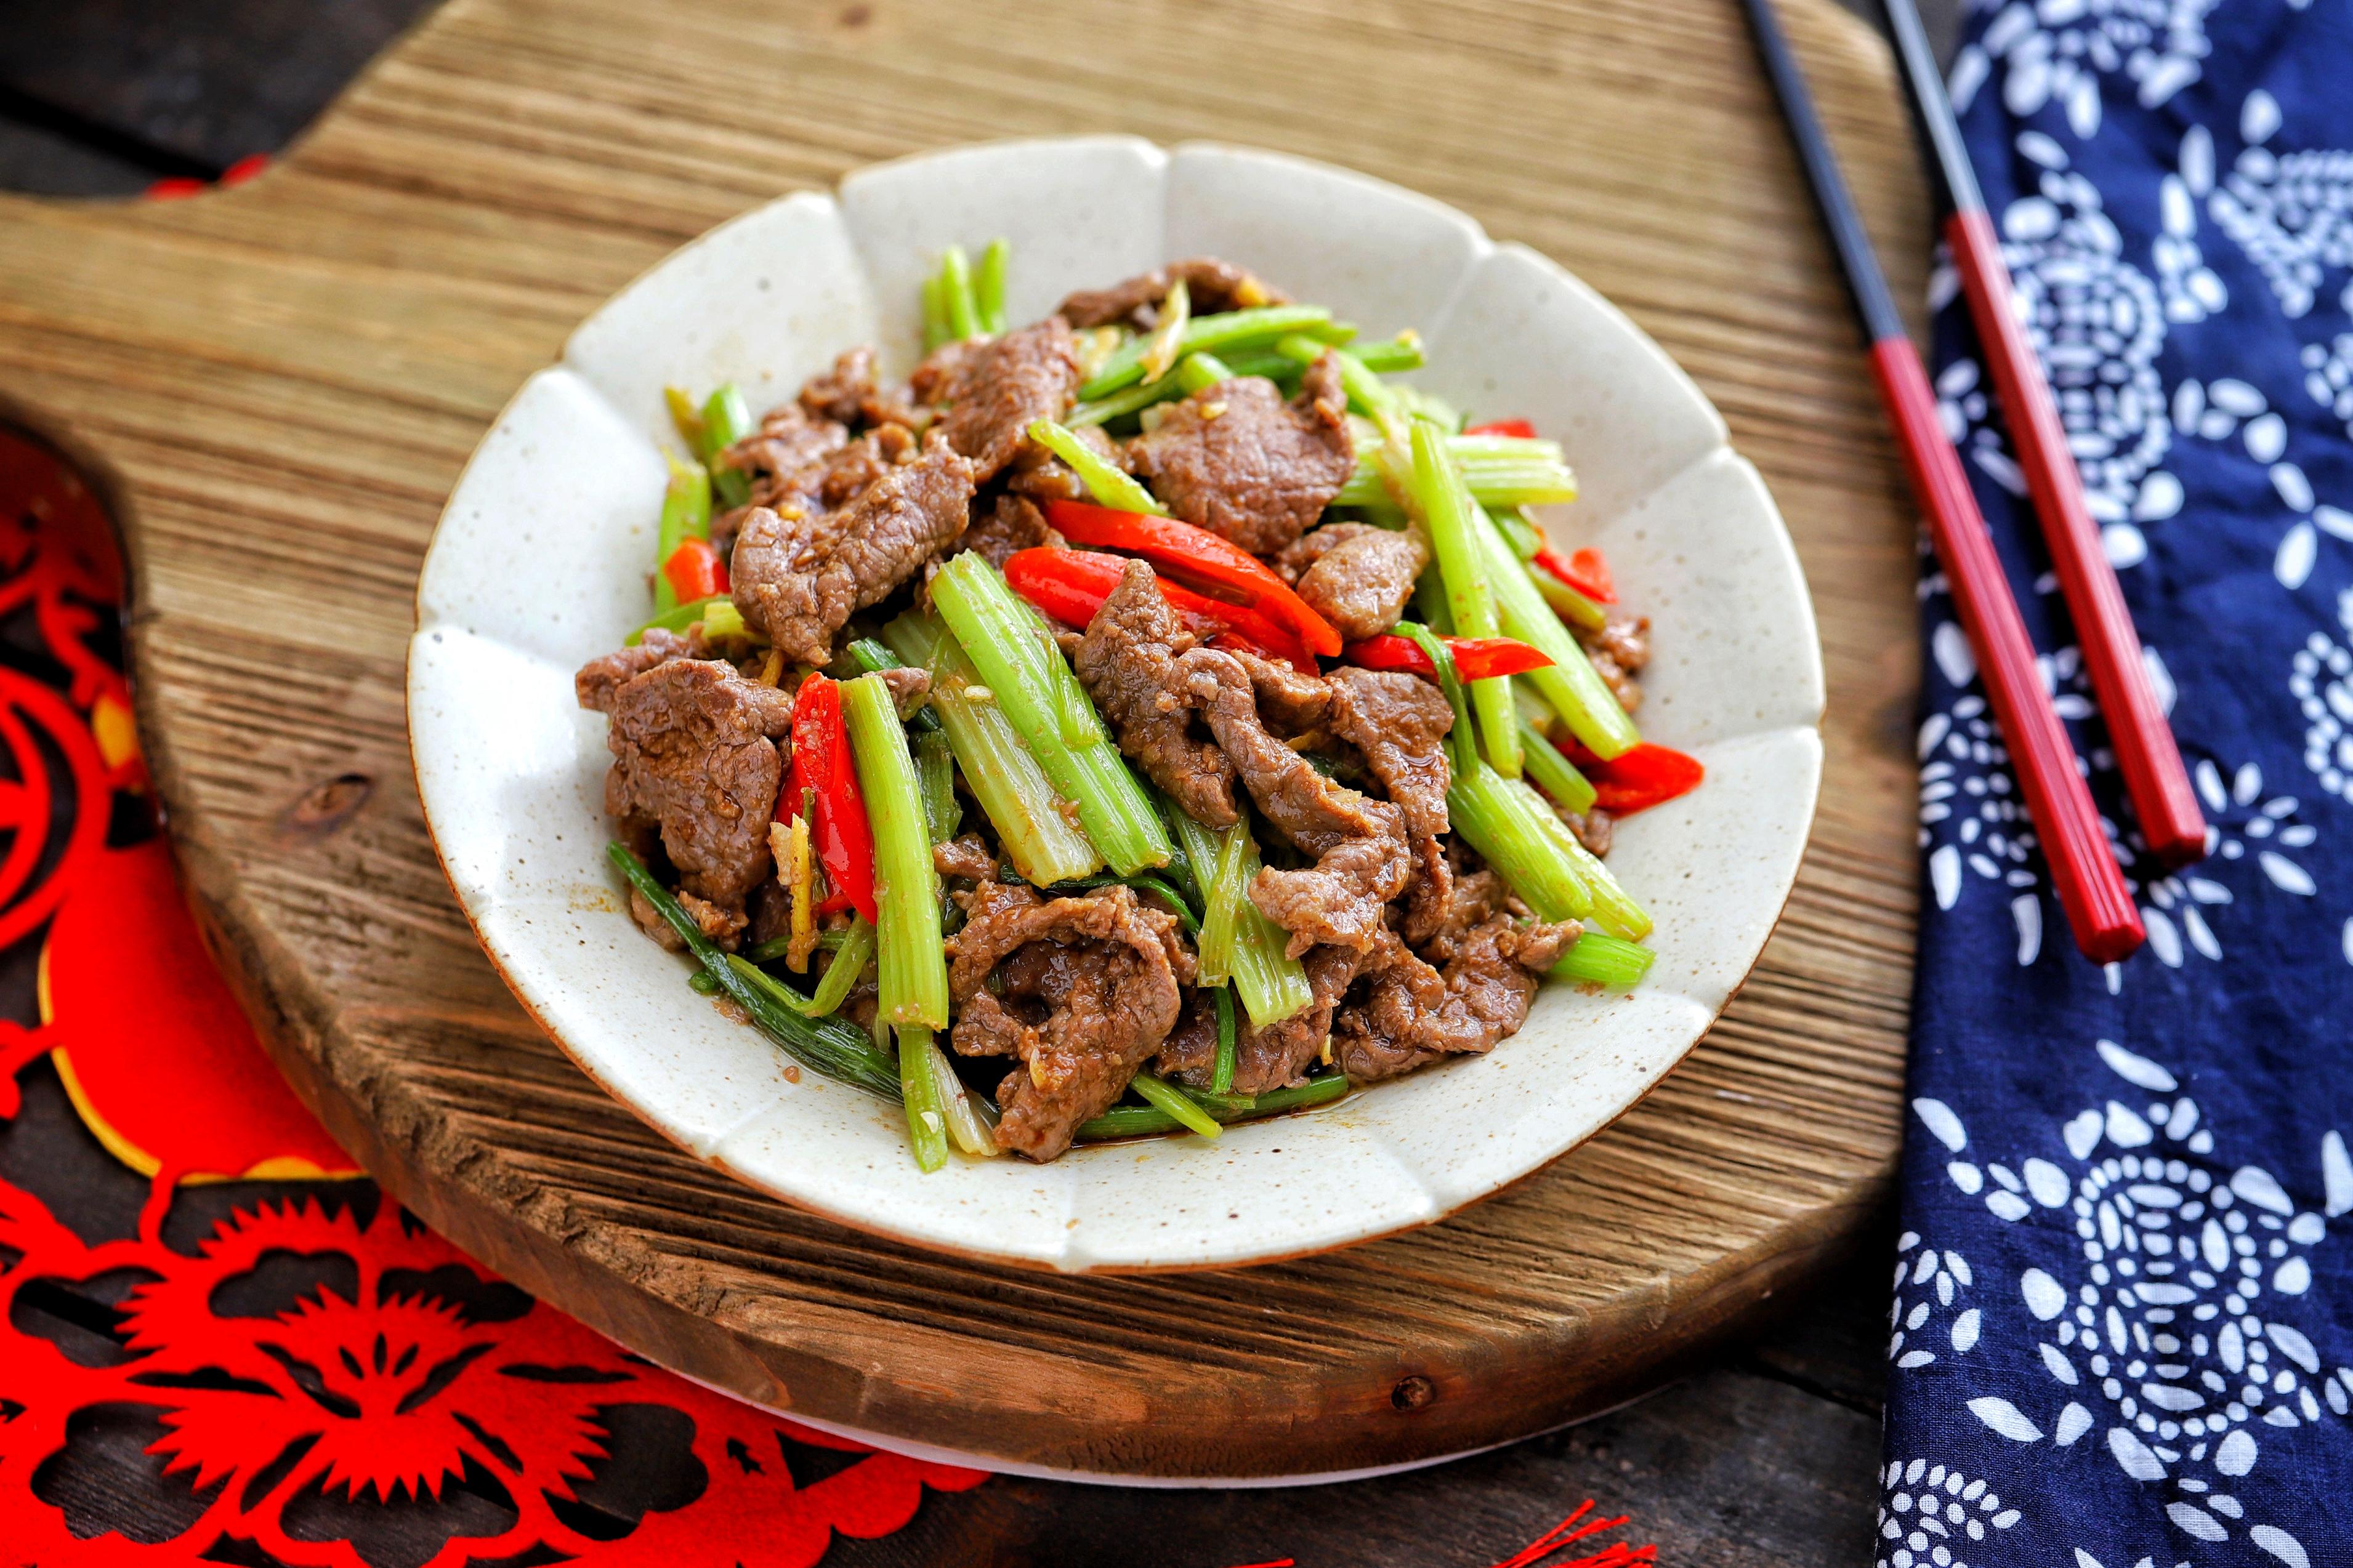 【芹菜炒牛肉,掌握这2个窍门,芹菜爽脆,牛肉嫩滑,比饭店的好吃】